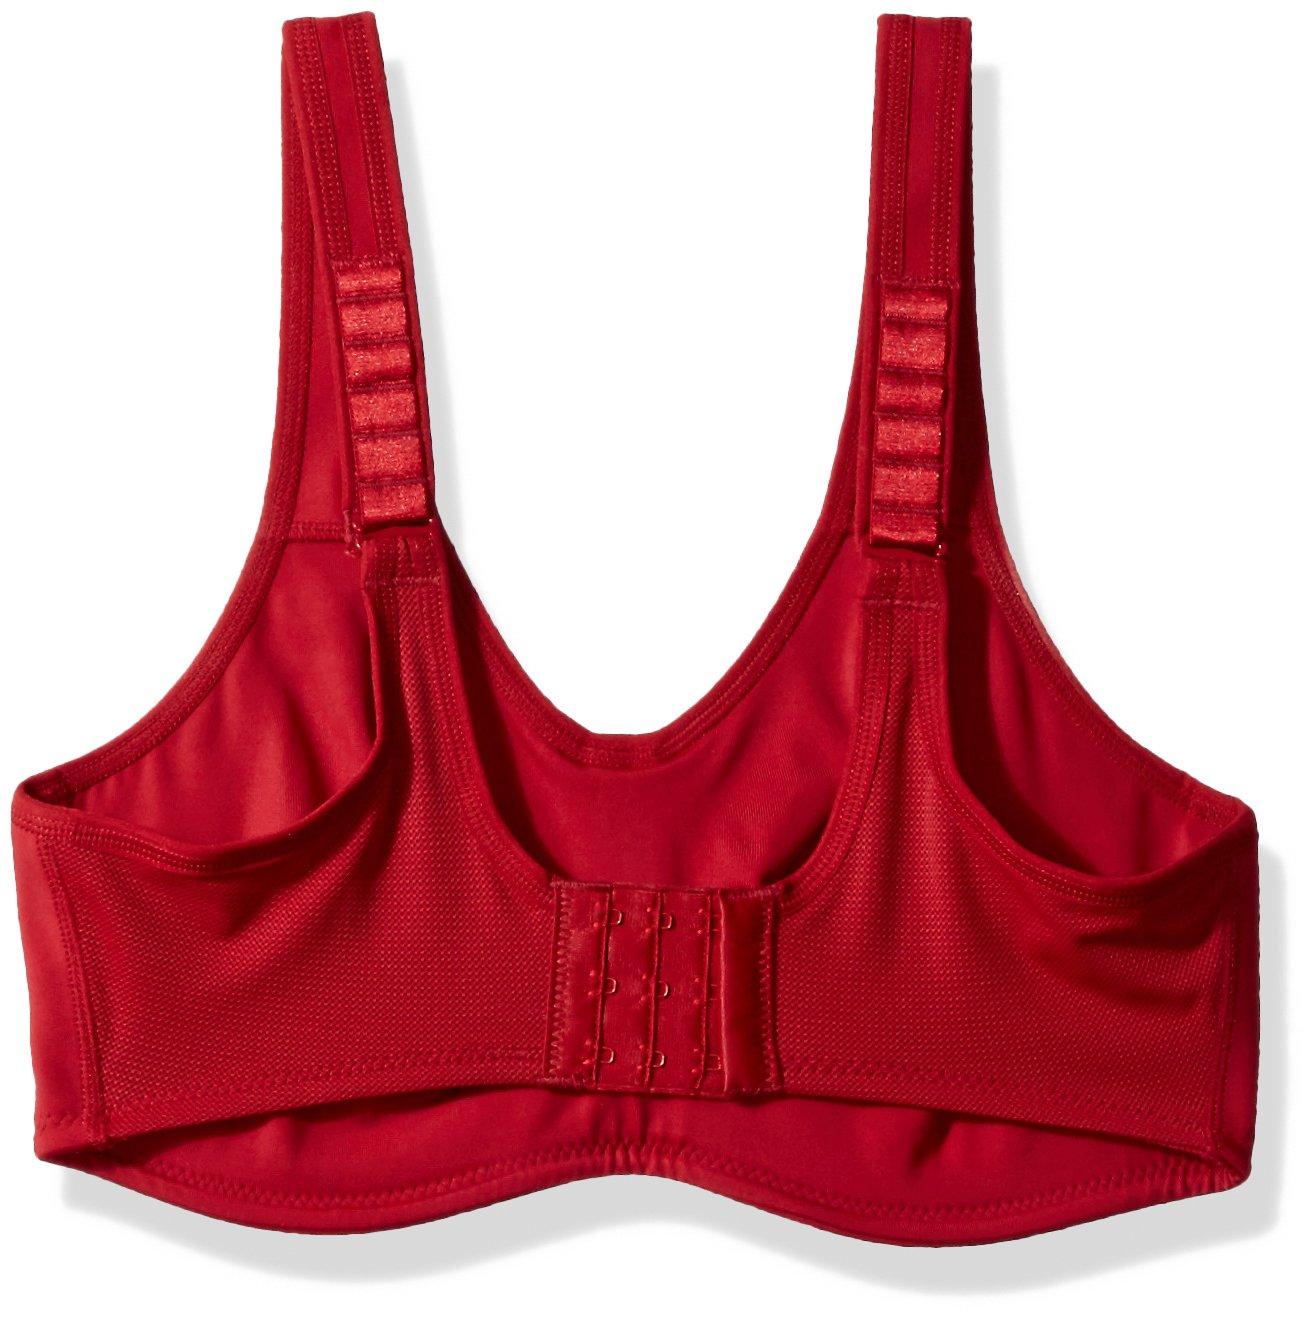 Wacoal Women's Plus Size Sport Underwire Bra, Carnivale Red by Wacoal (Image #2)